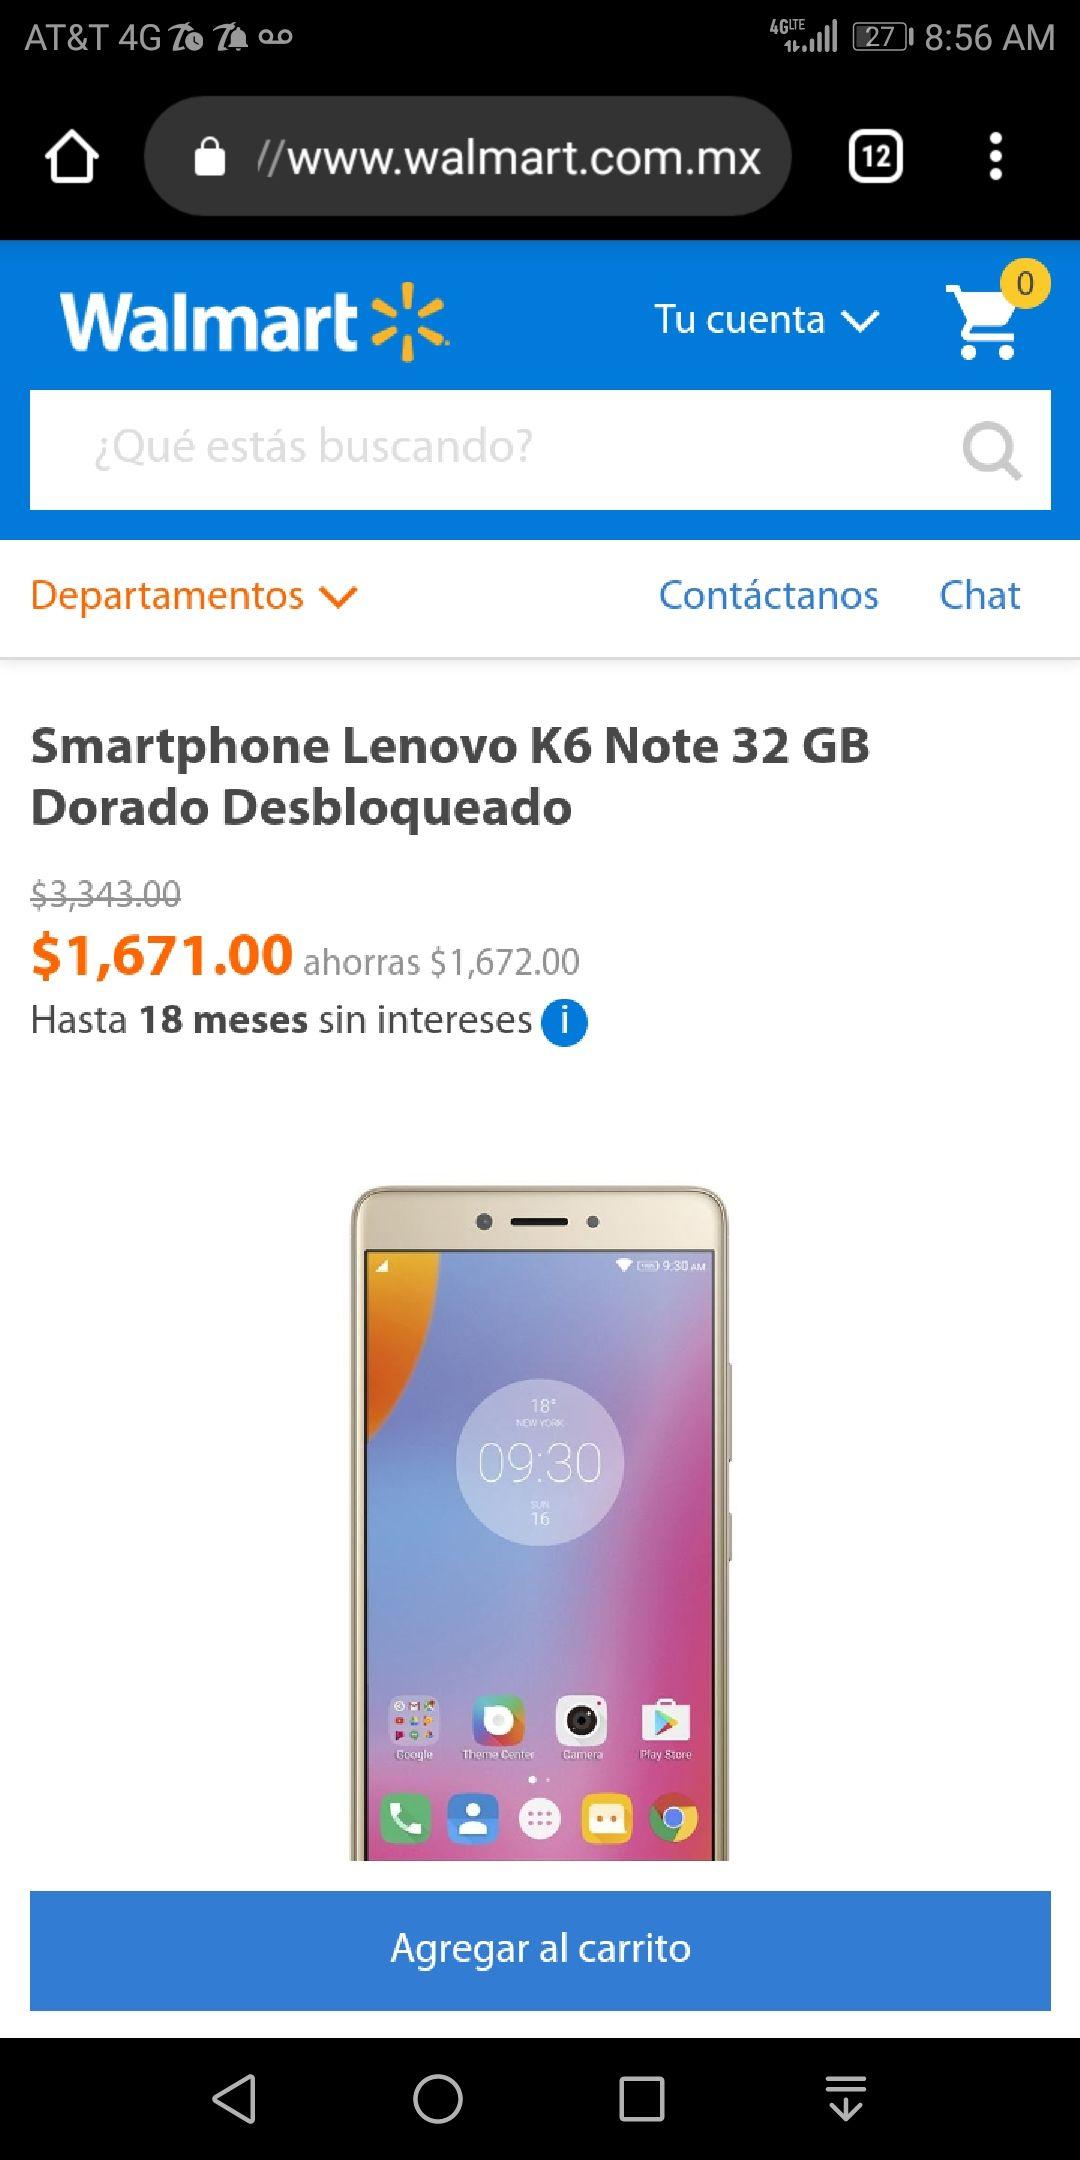 Walmart : Smartphone Lenovo k6 note 3 ram 32 gb int. Dorado desbloqueado